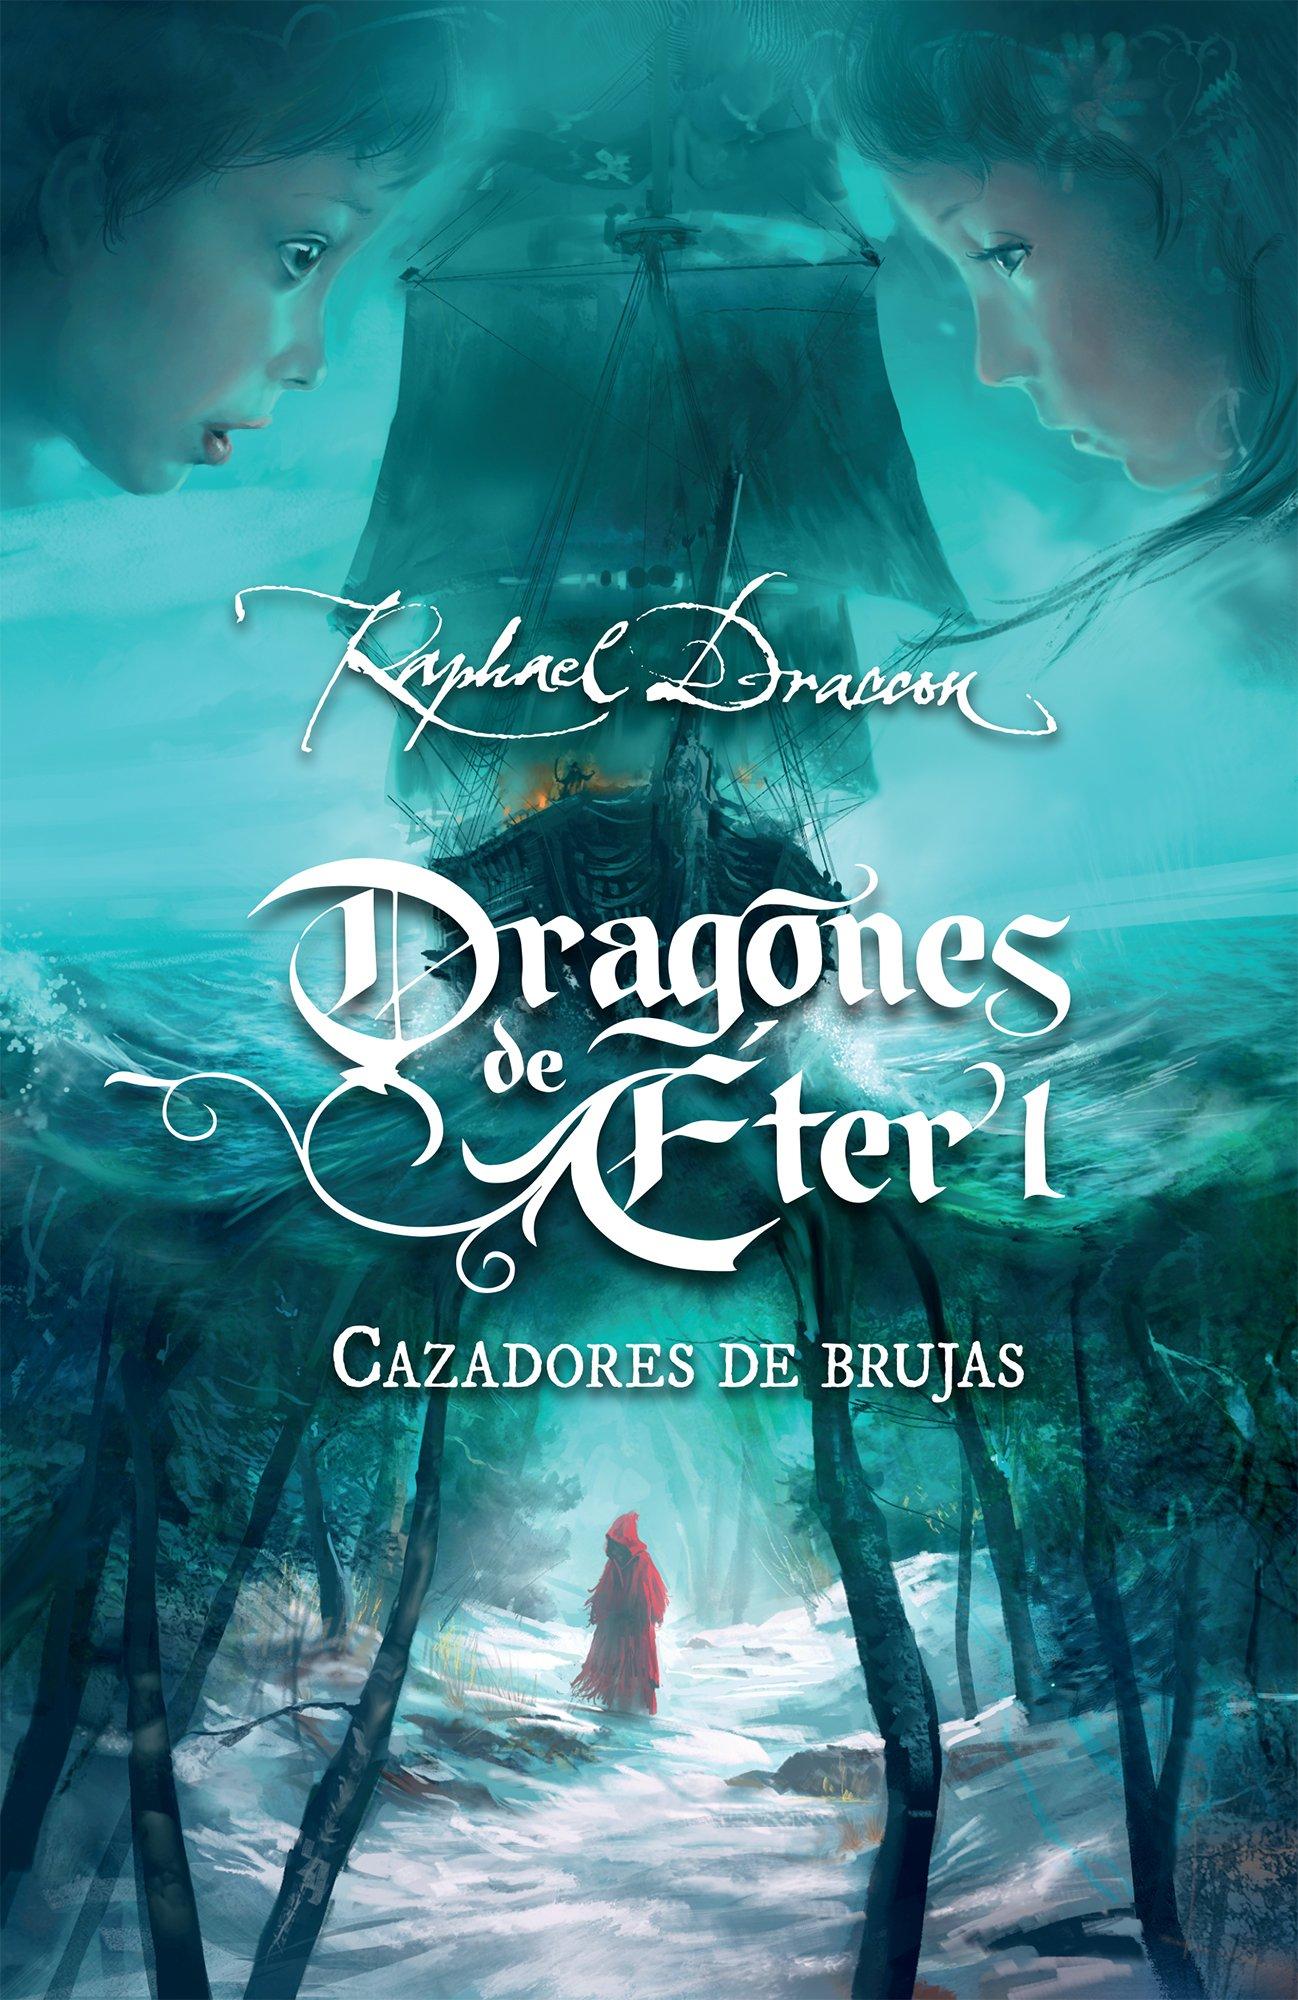 Cazadores de brujas. Dragones de eter 1 (Spanish Edition): Rapahel Draccon: 9786073117258: Amazon.com: Books